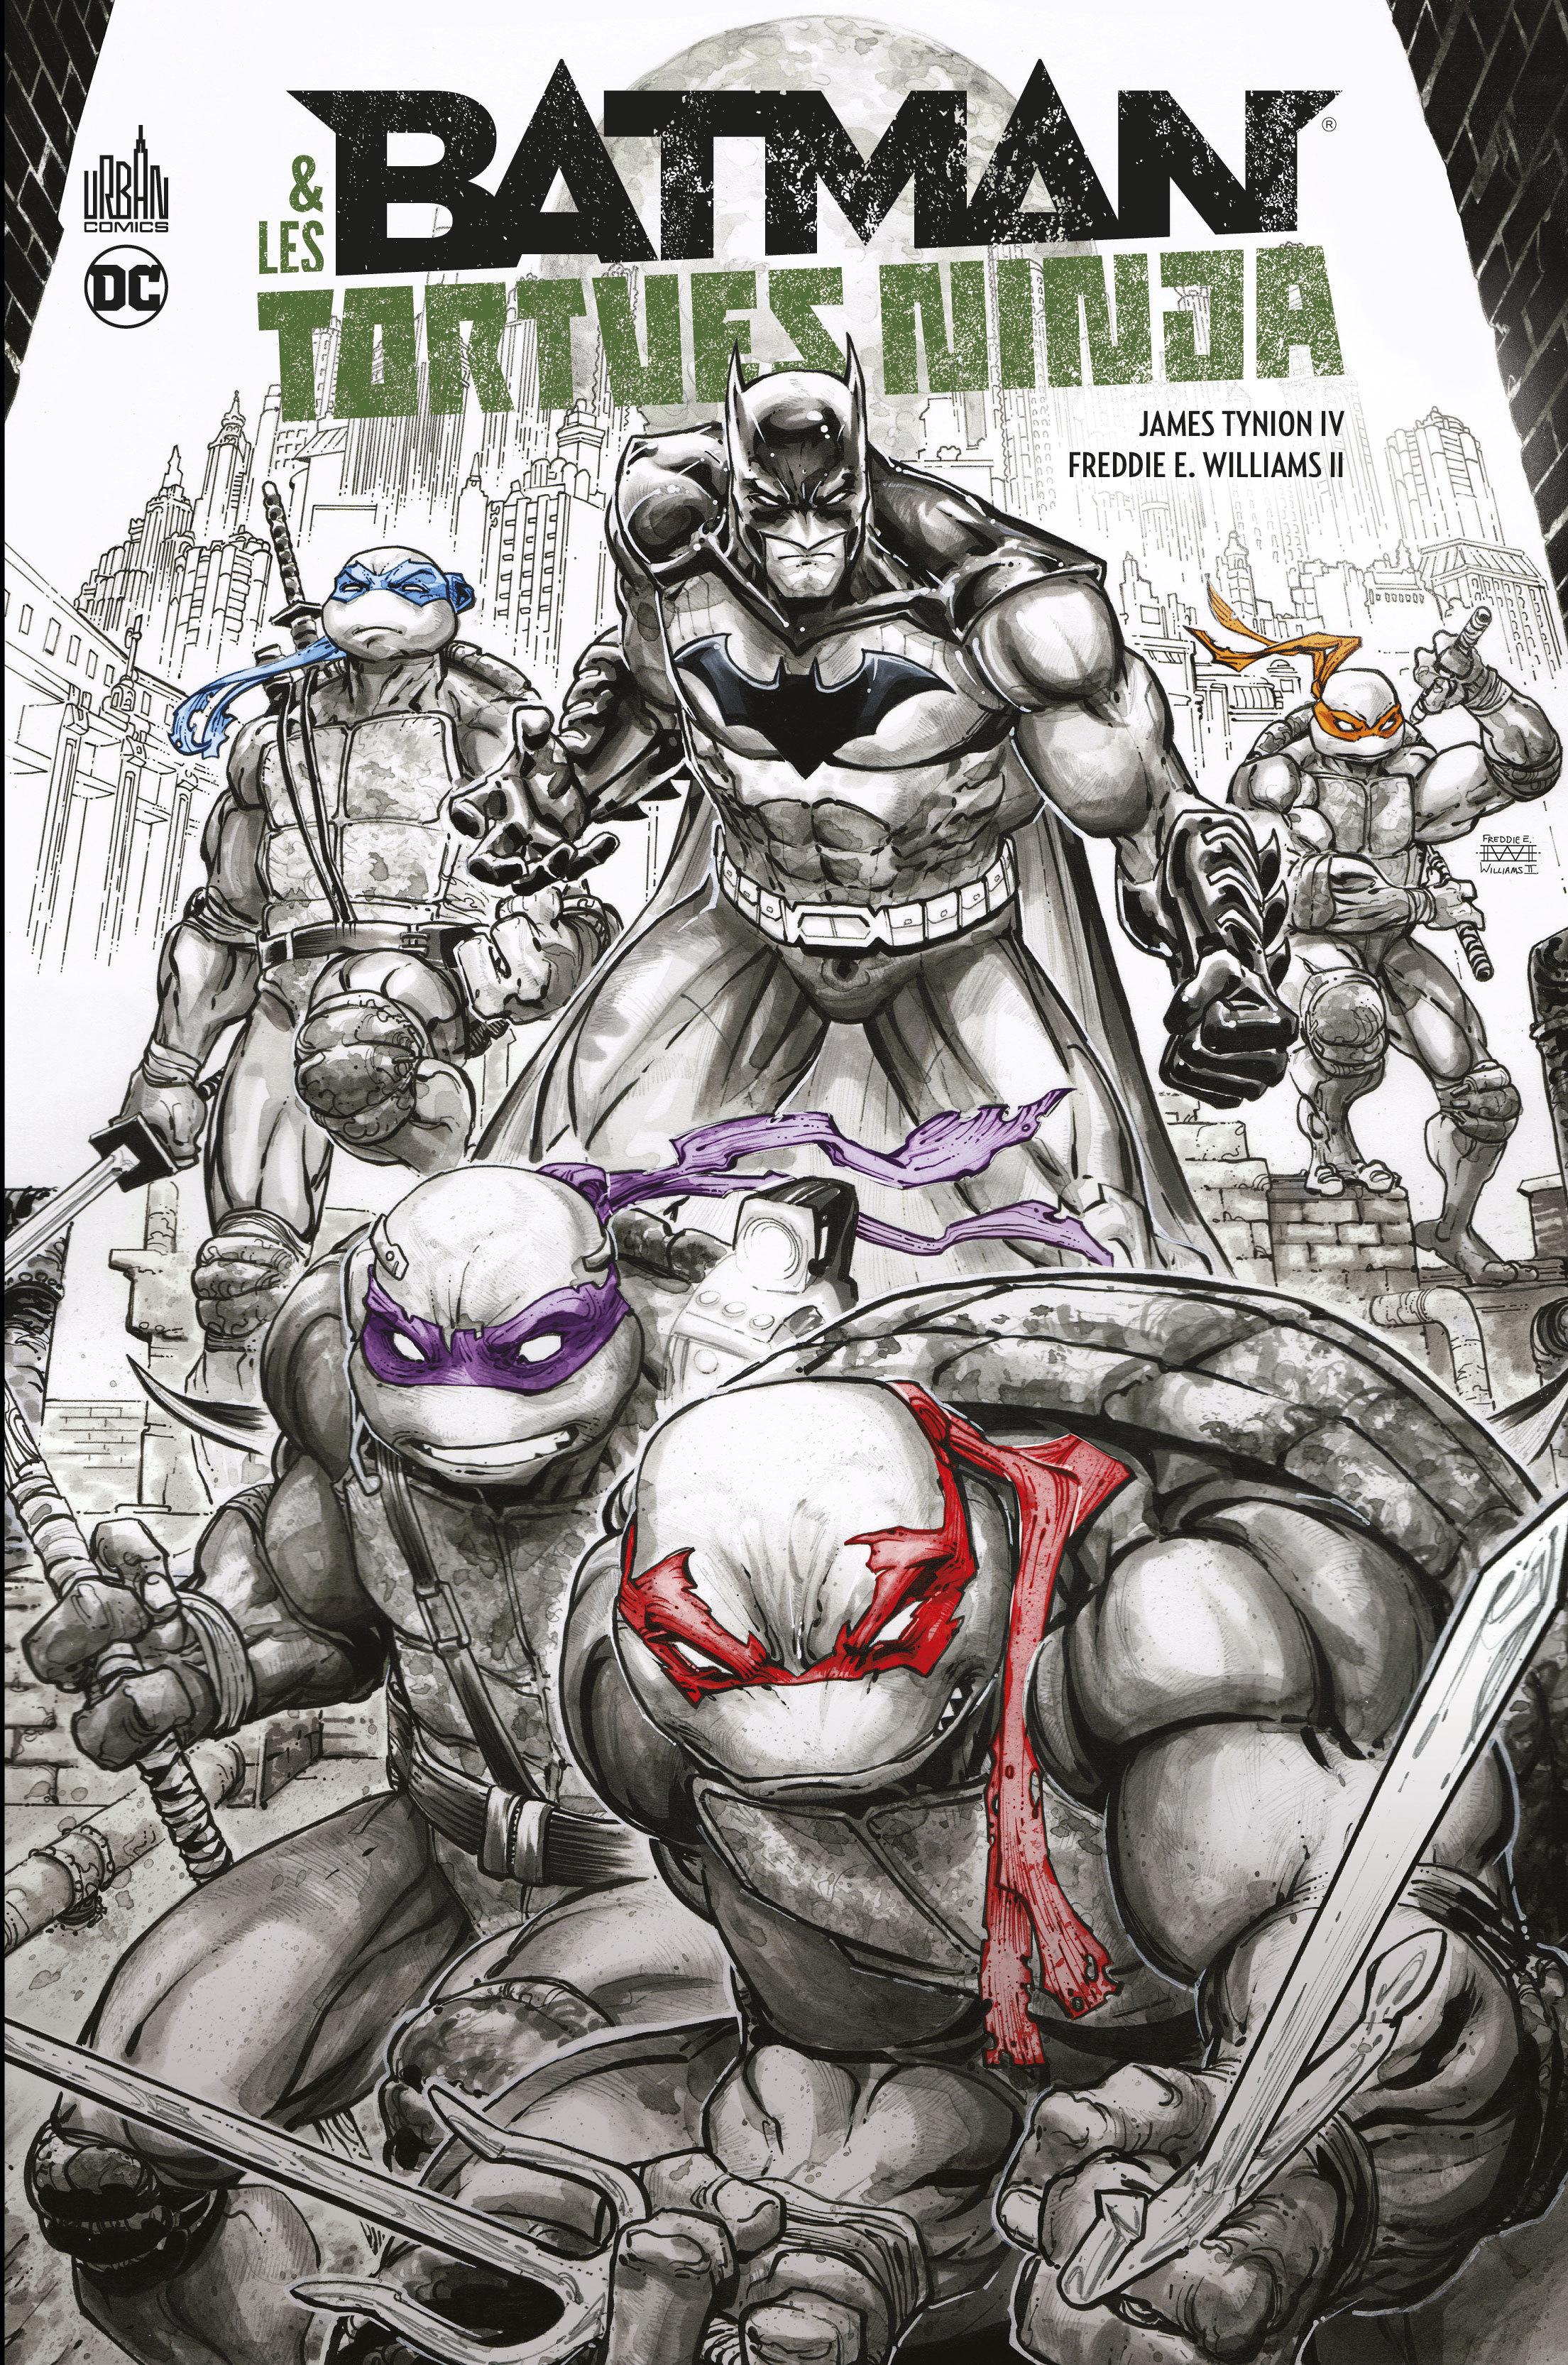 BATMAN & LES TORTUES NINJA EL - BATMAN & LES TORTUES NINJA EDITION LIMITEE - TOME 0